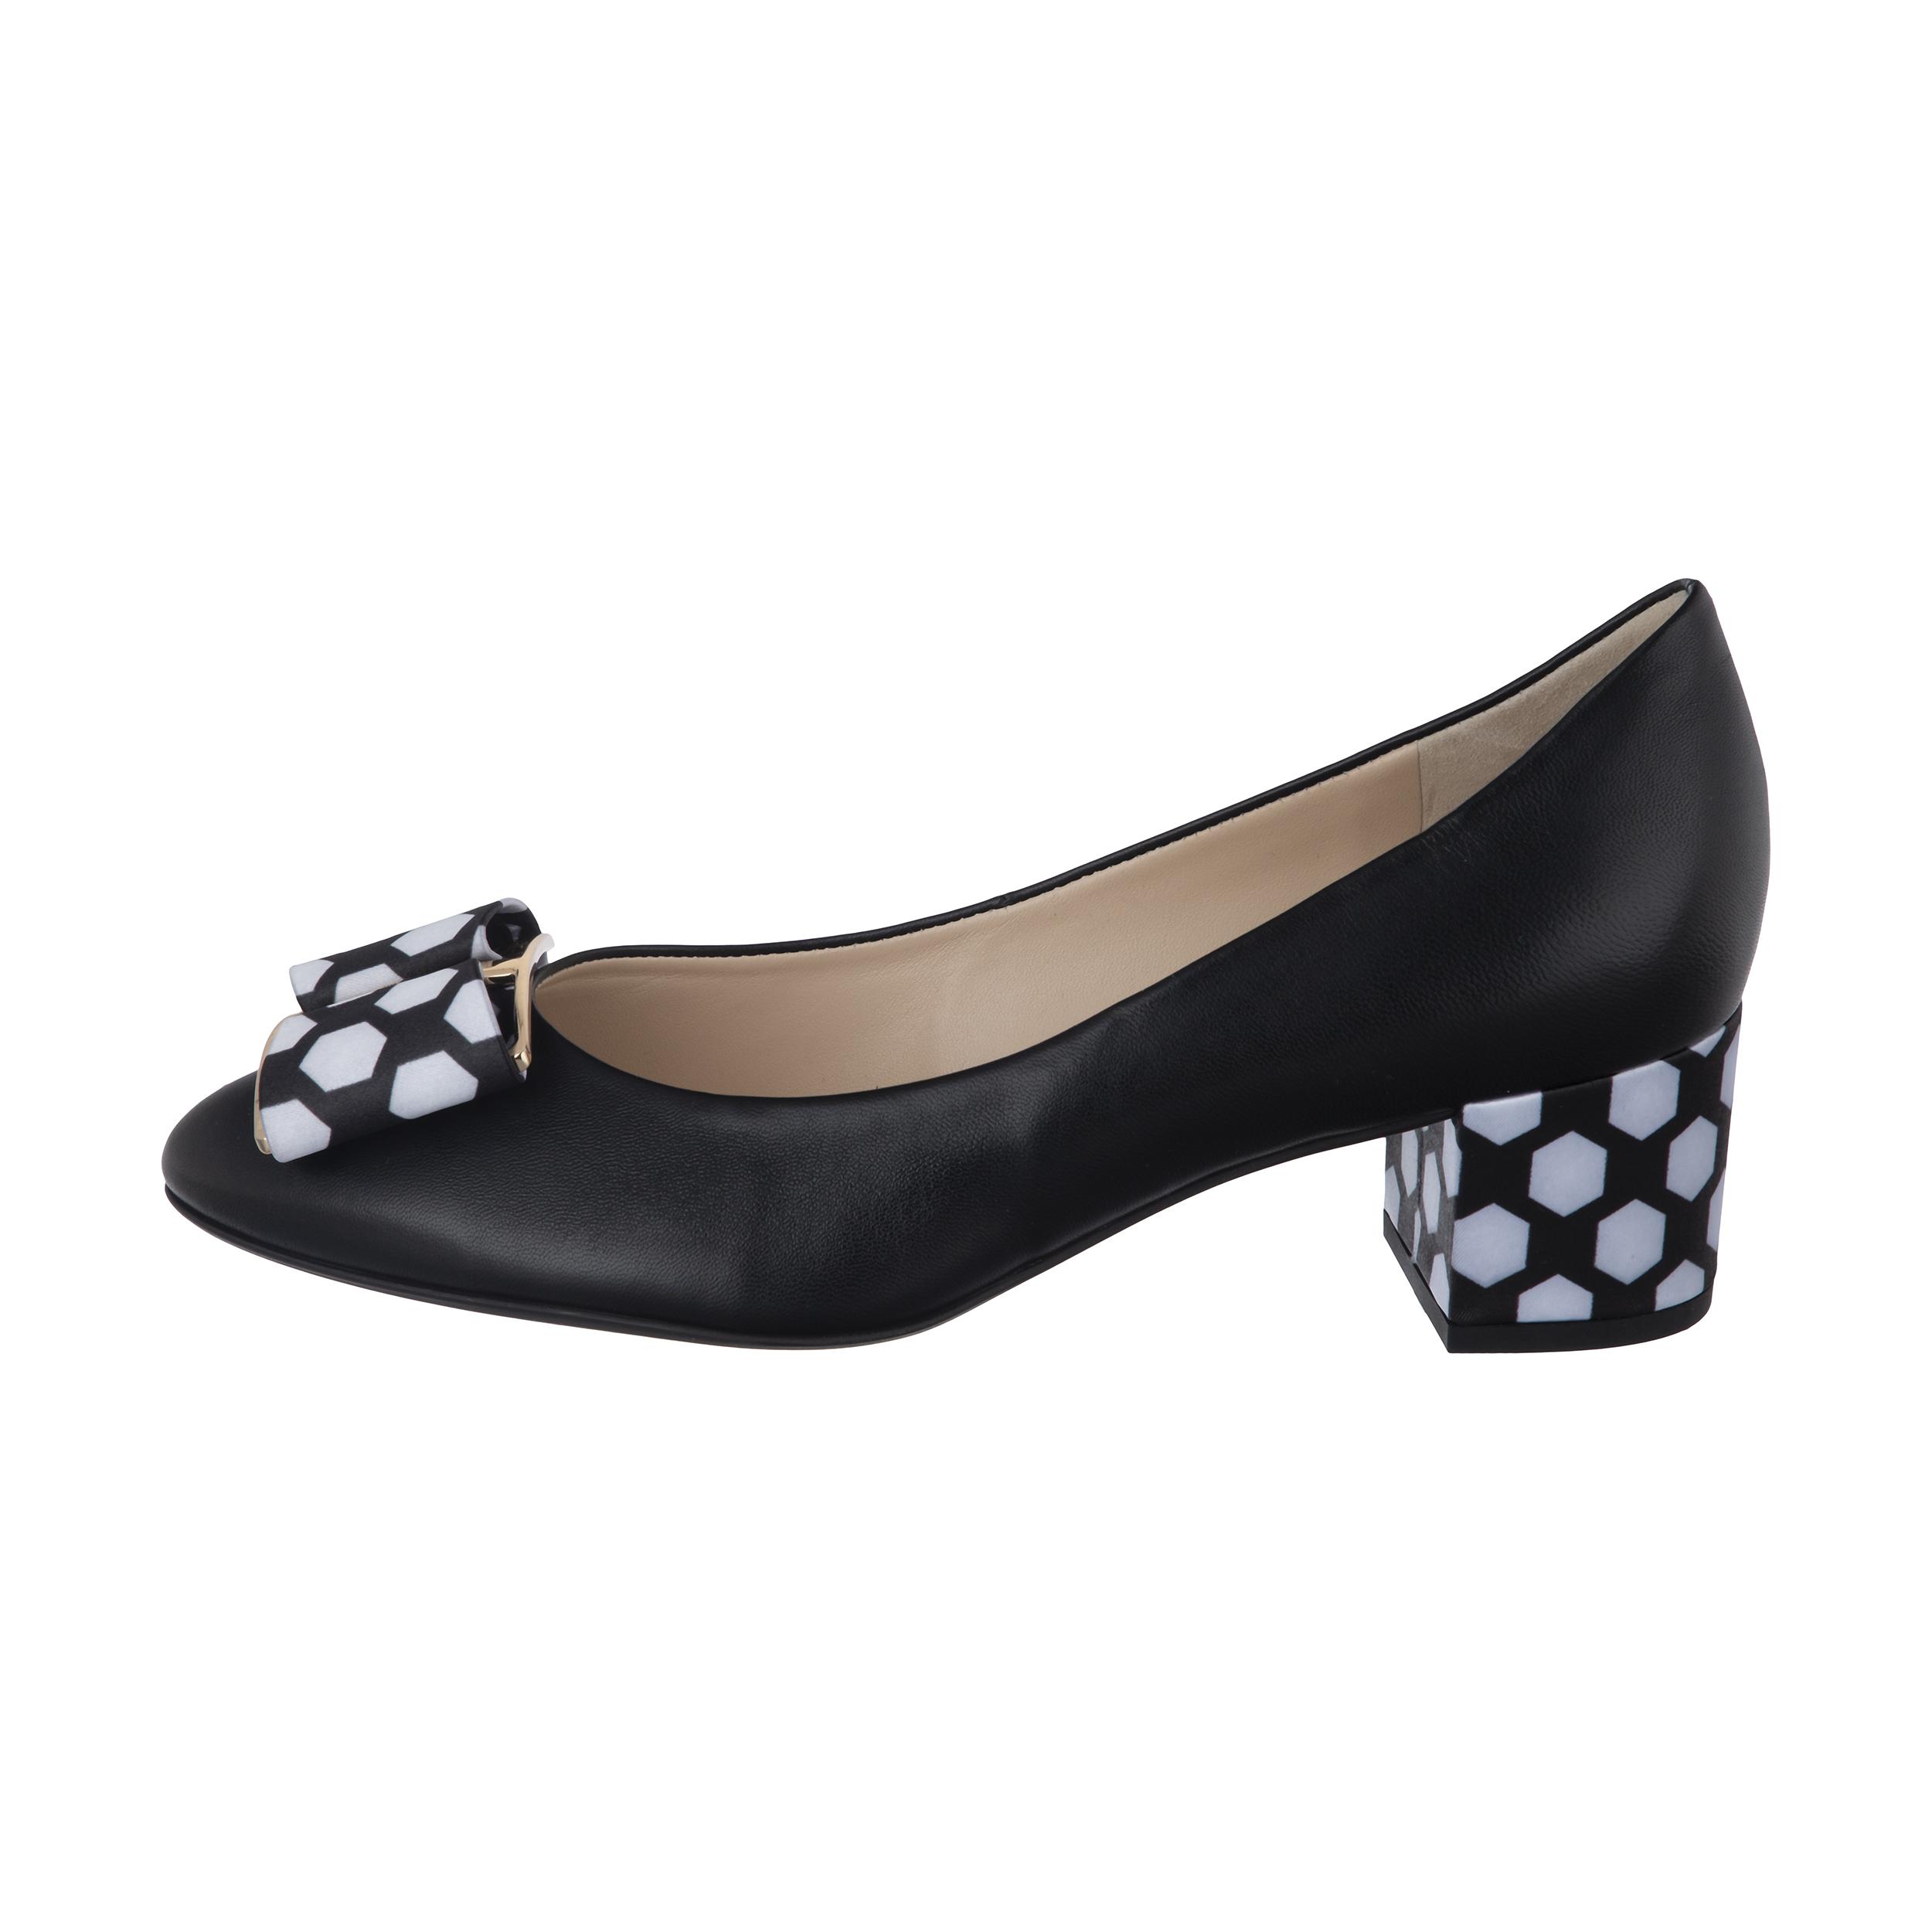 کفش زنانه هوگل مدل 5-104020-0100